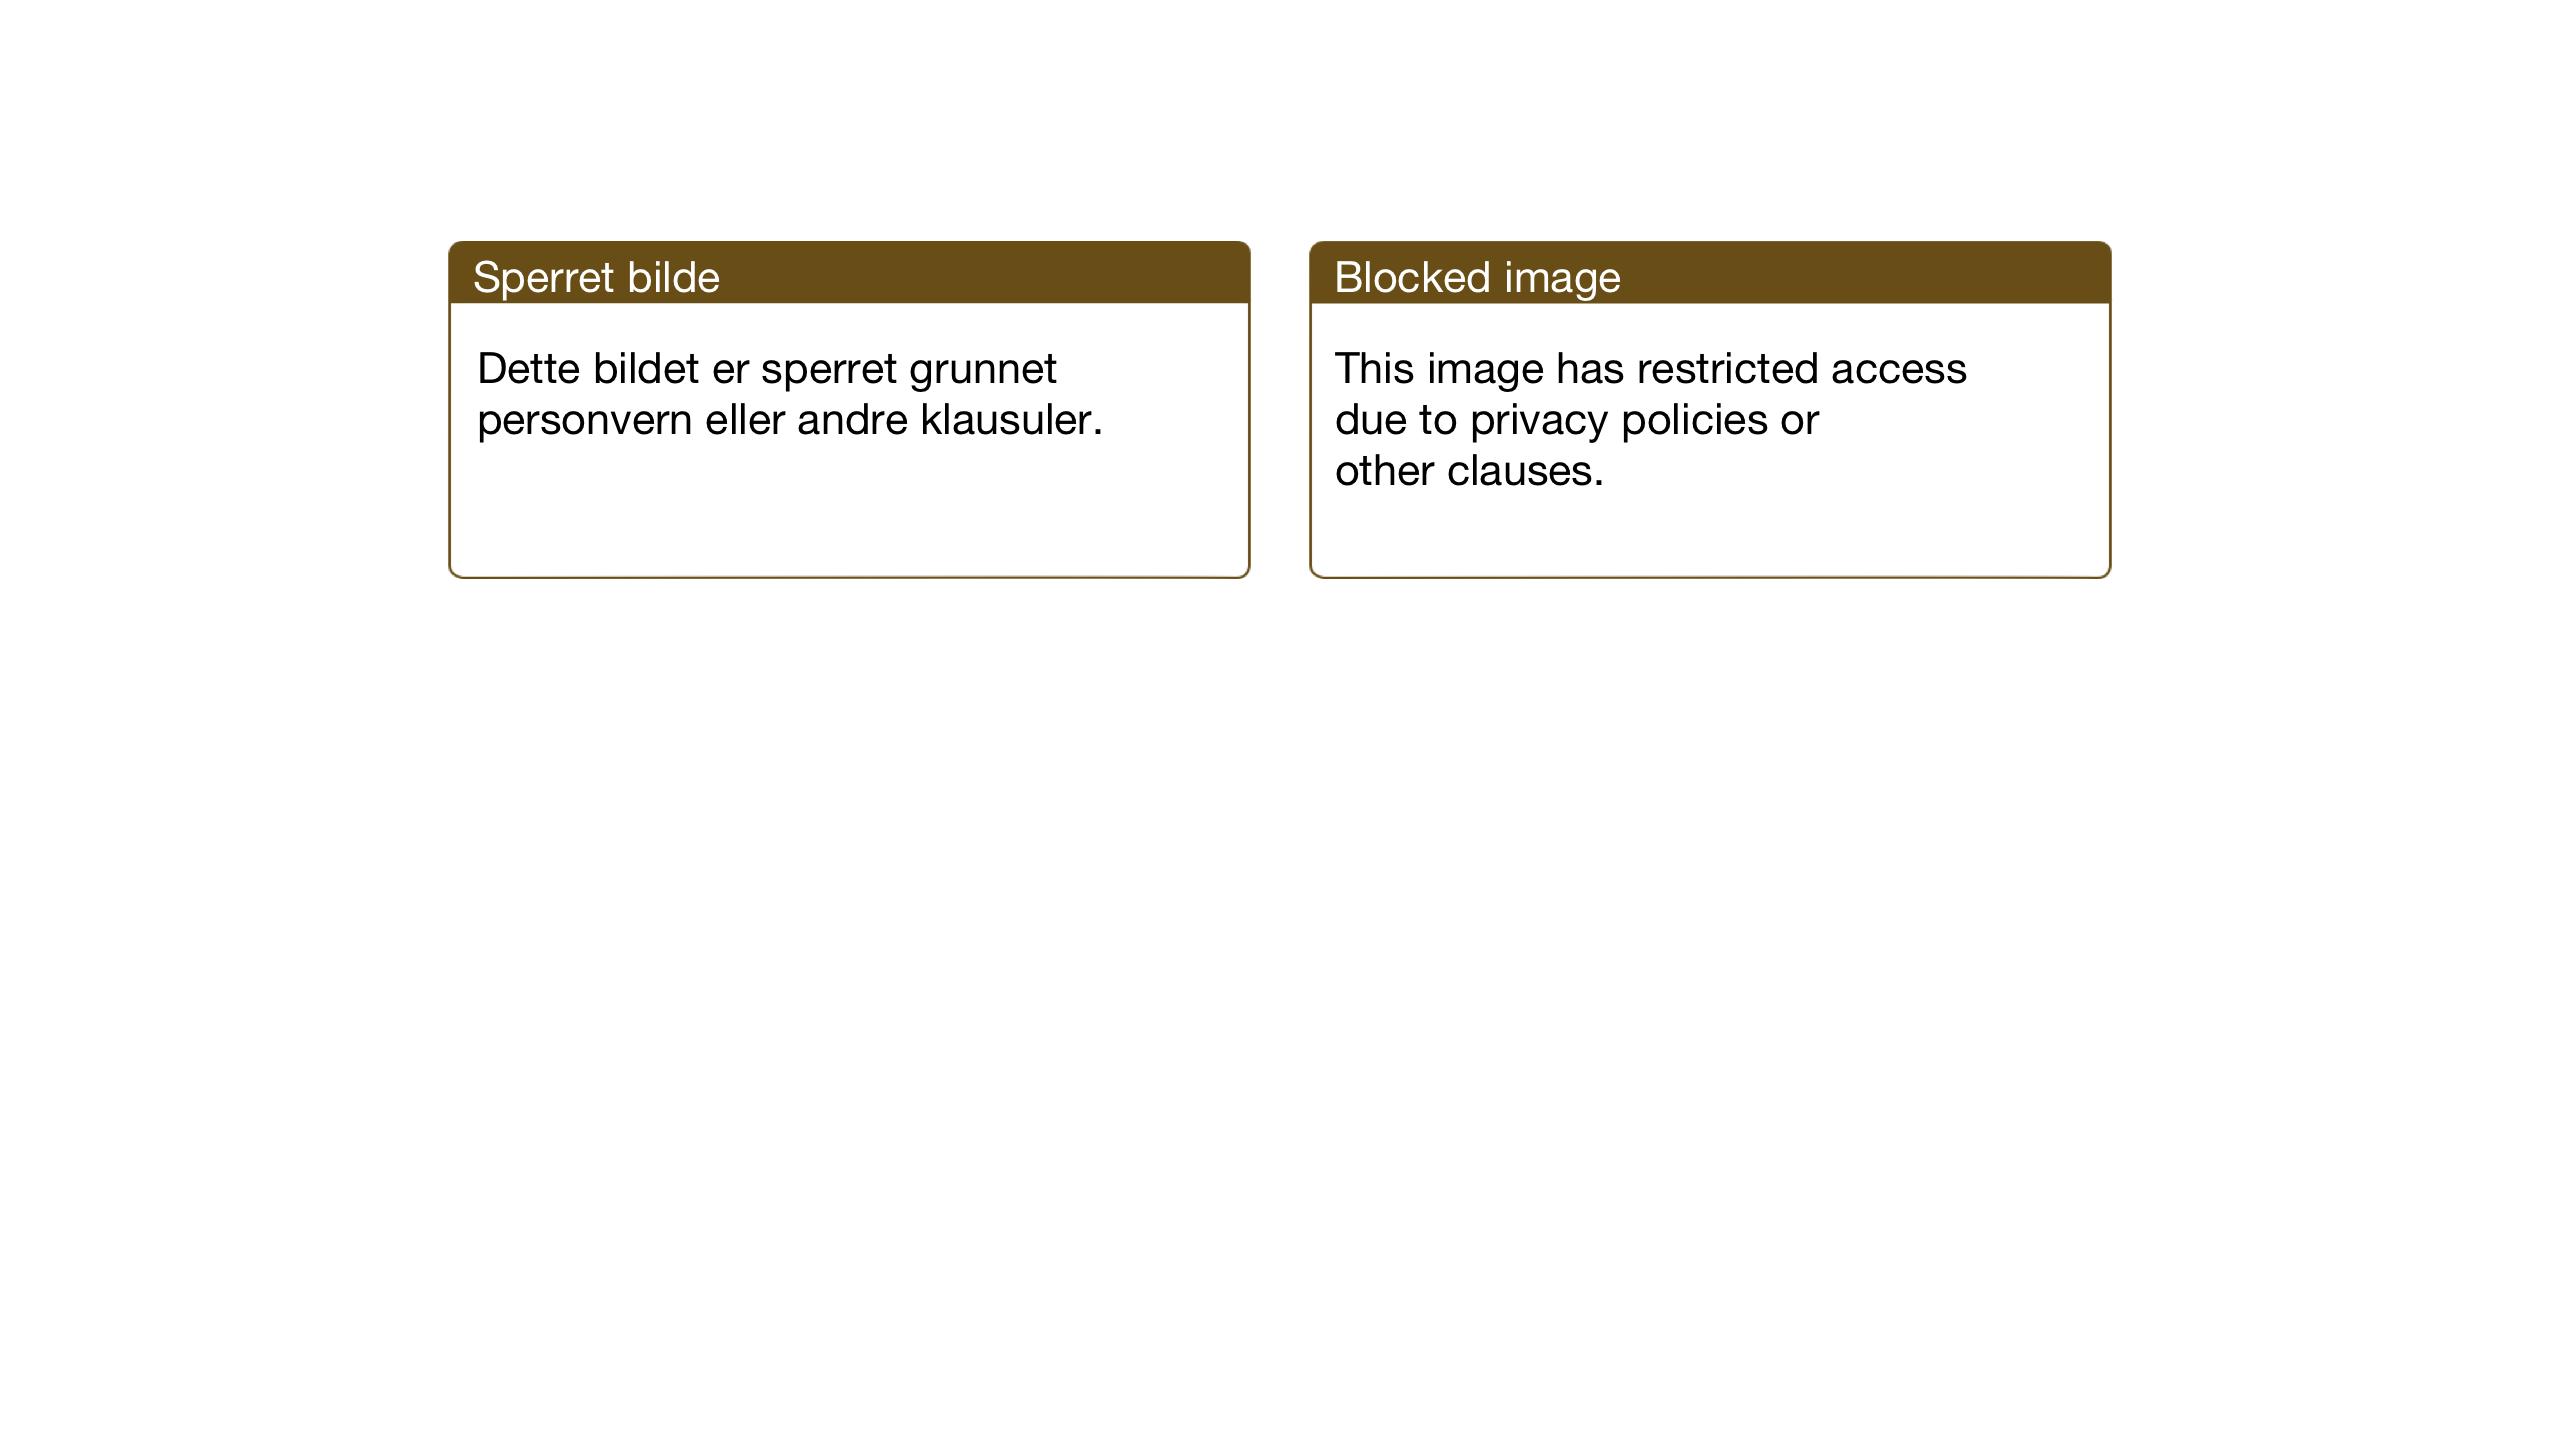 SAT, Ministerialprotokoller, klokkerbøker og fødselsregistre - Nord-Trøndelag, 746/L0456: Klokkerbok nr. 746C02, 1936-1948, s. 43